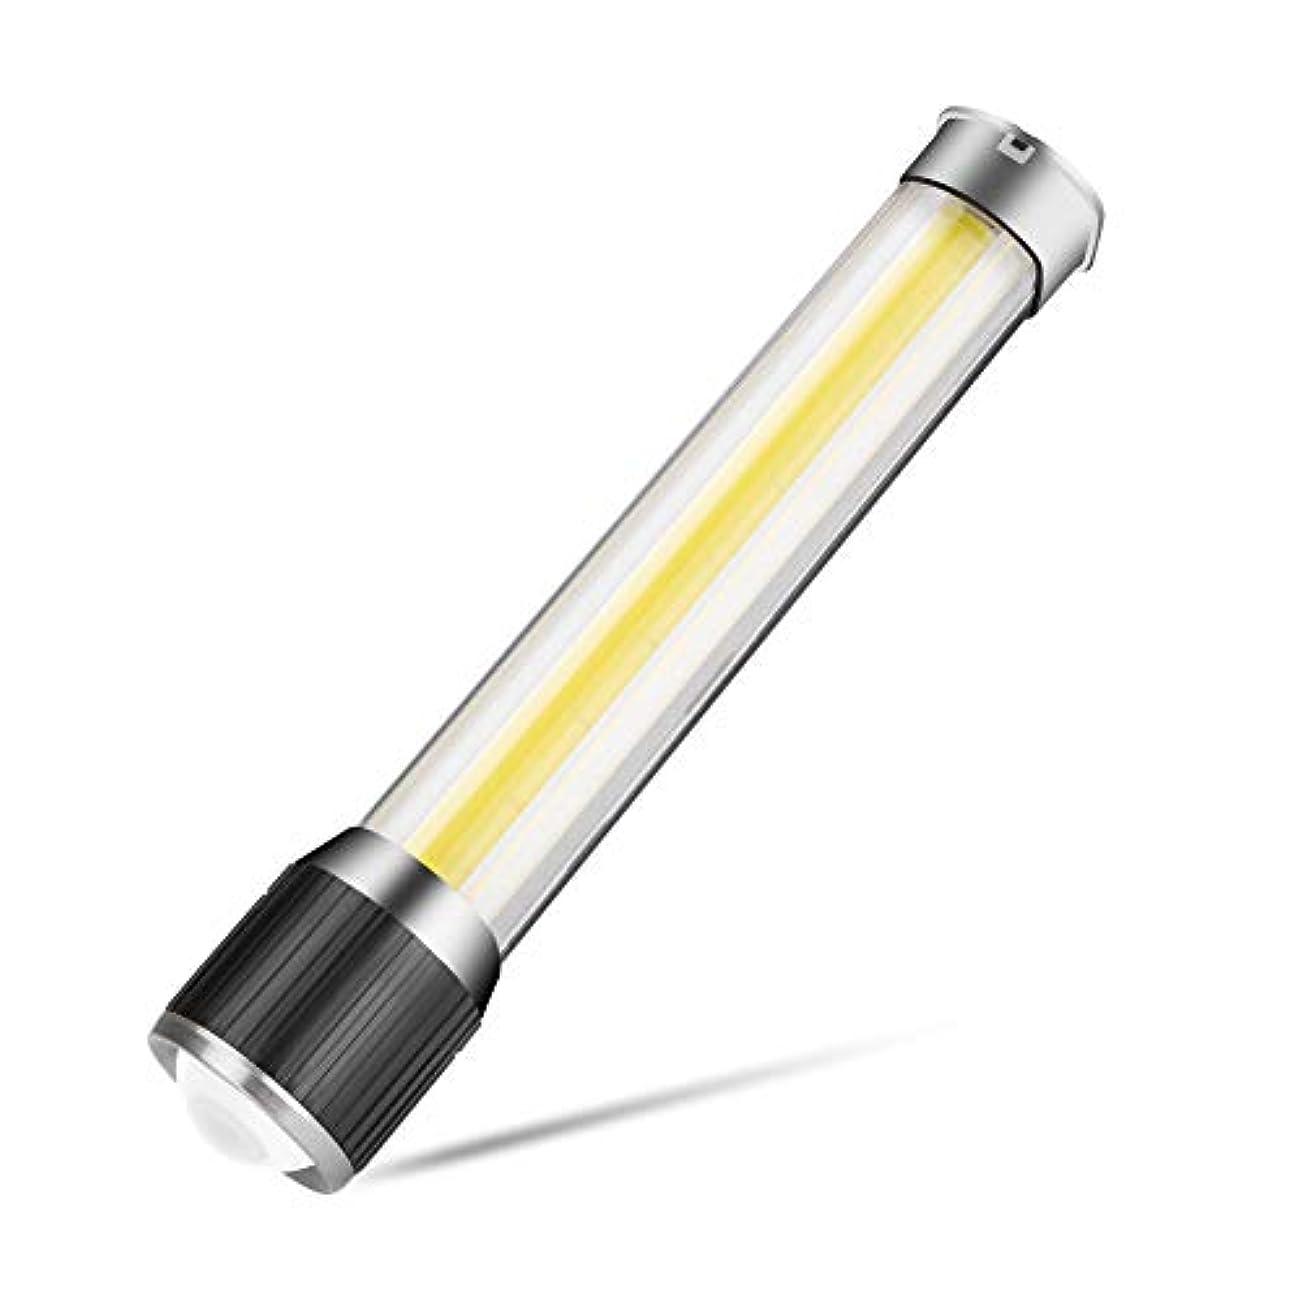 打撃あたたかい酸っぱいCOB LED+T6 懐中電灯/ハンディライト/フラッシュライト 二合一 7点灯モード TangQI 操作やすい USB充電式 明るい 内蔵電池対応 調節可能な焦点距離 多用途 防水 停電 地震 キャンプ 読書 ハイキング